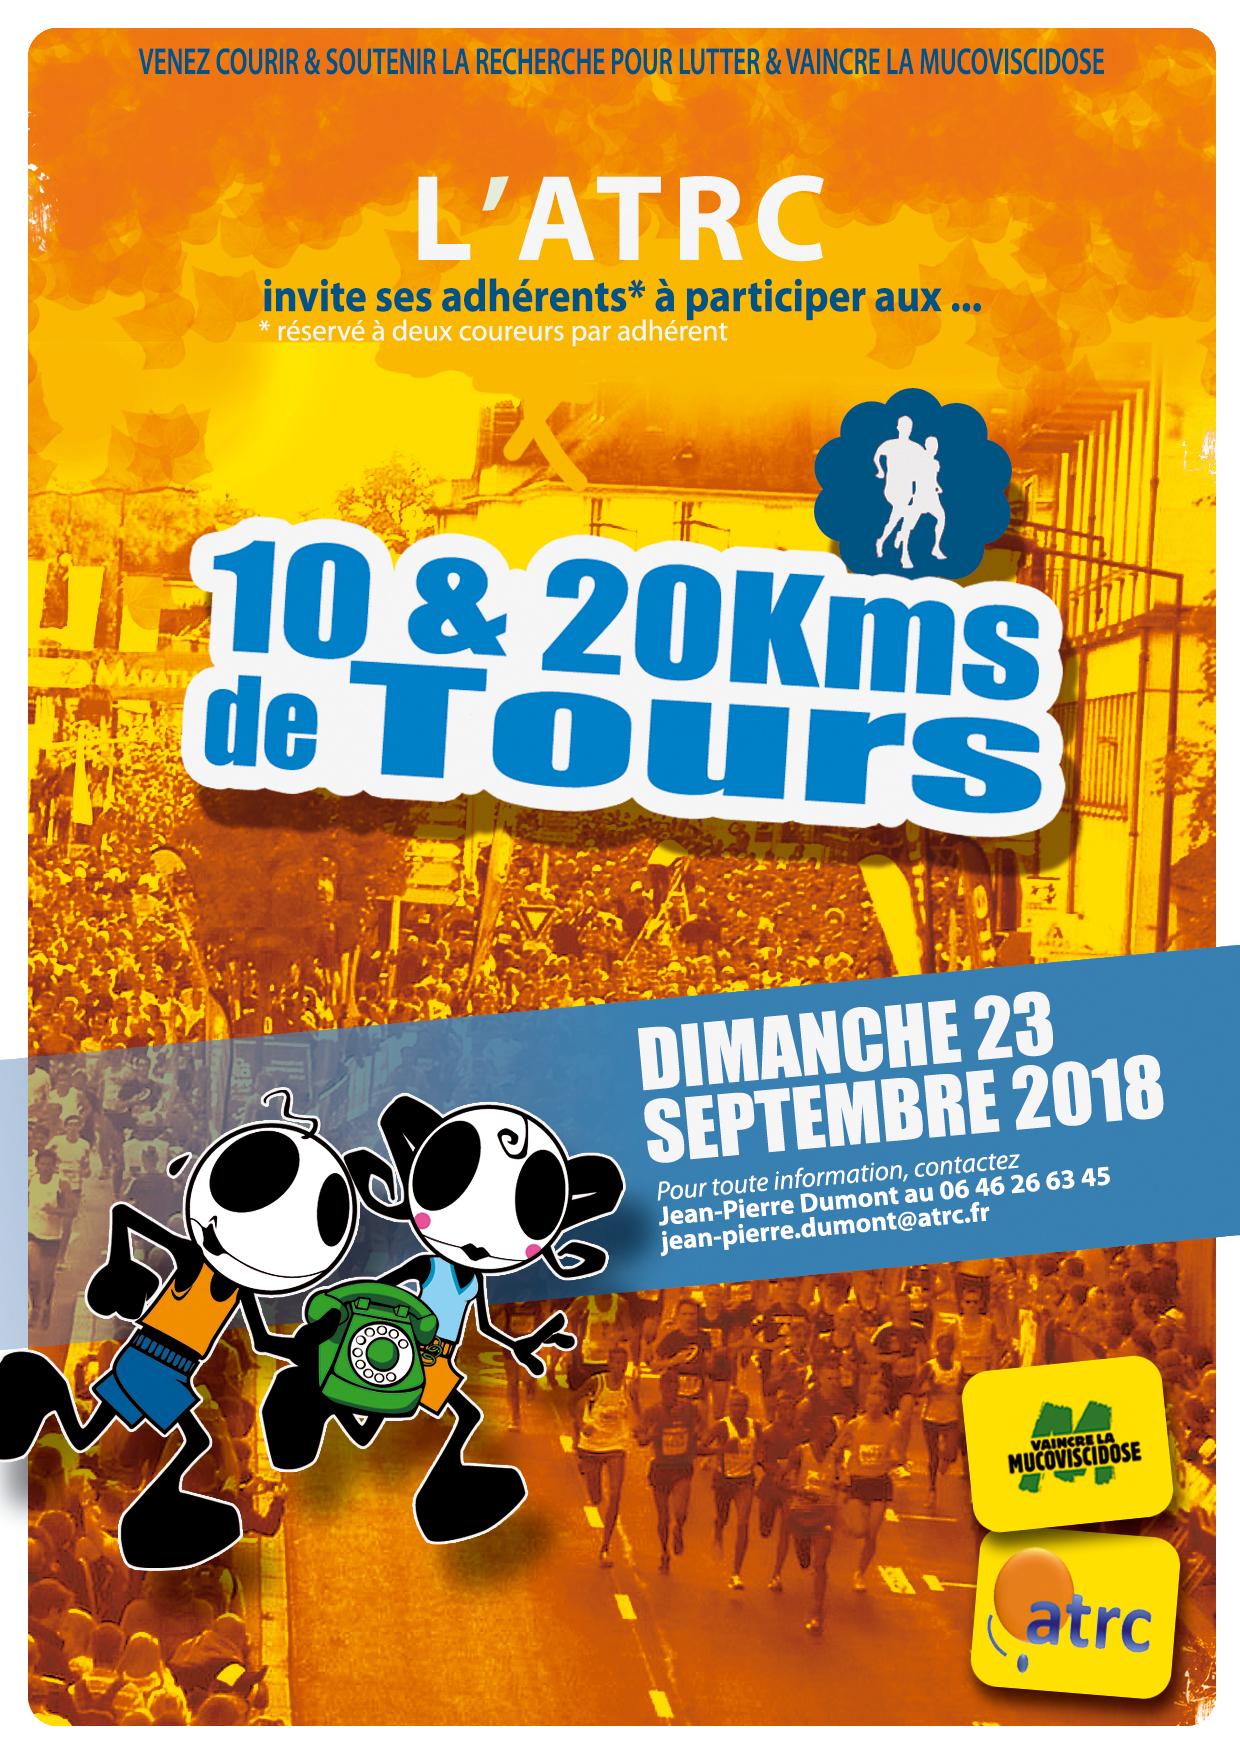 Affiche 10&20kms de Tours ATRC 2018